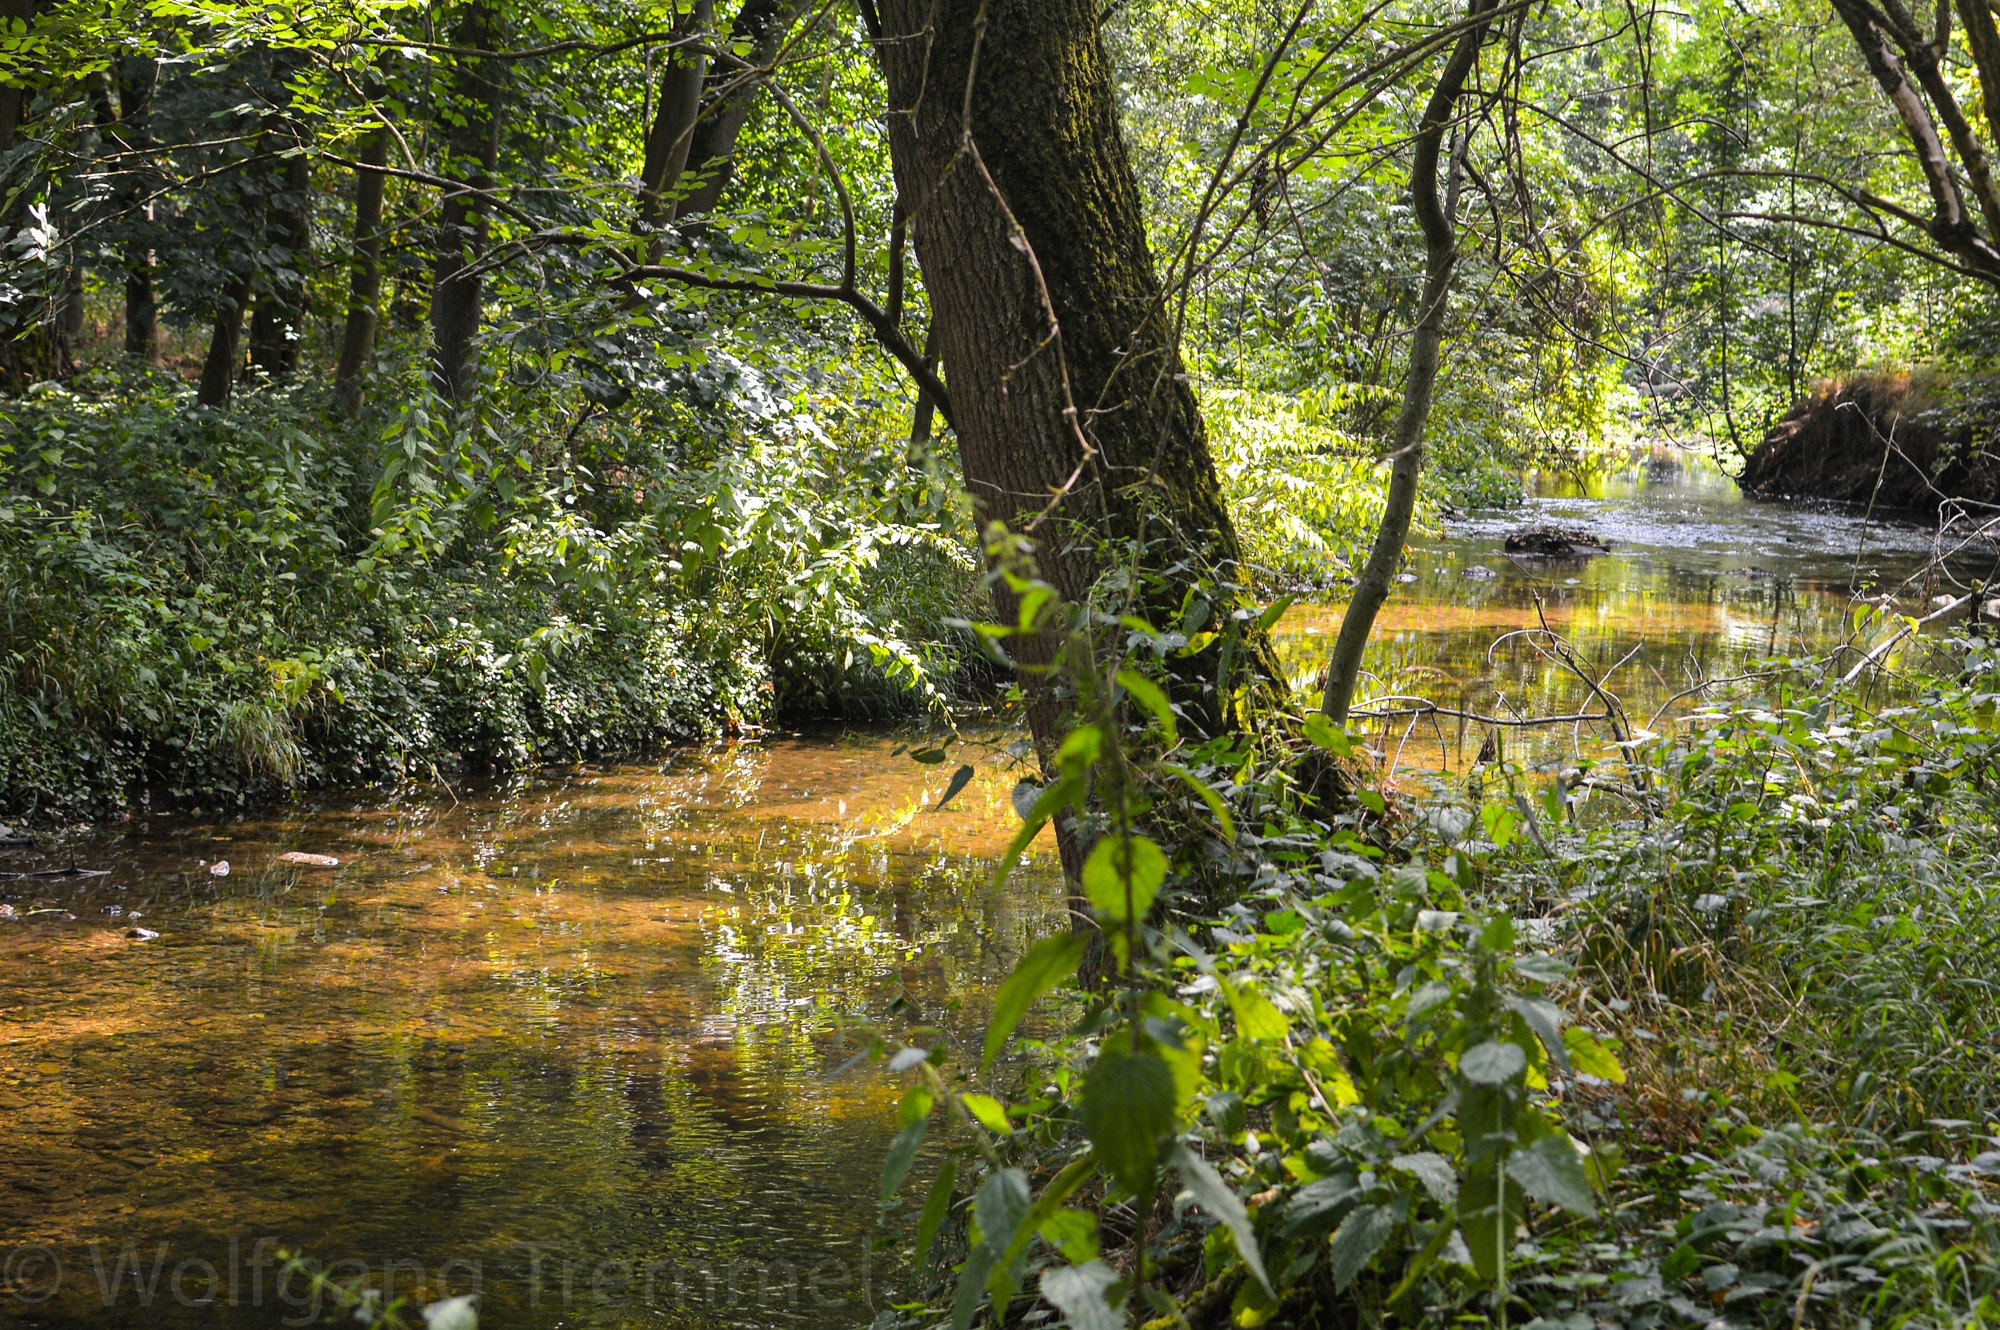 Lieblingsplatz: Wald bei Ober-Erlenbach